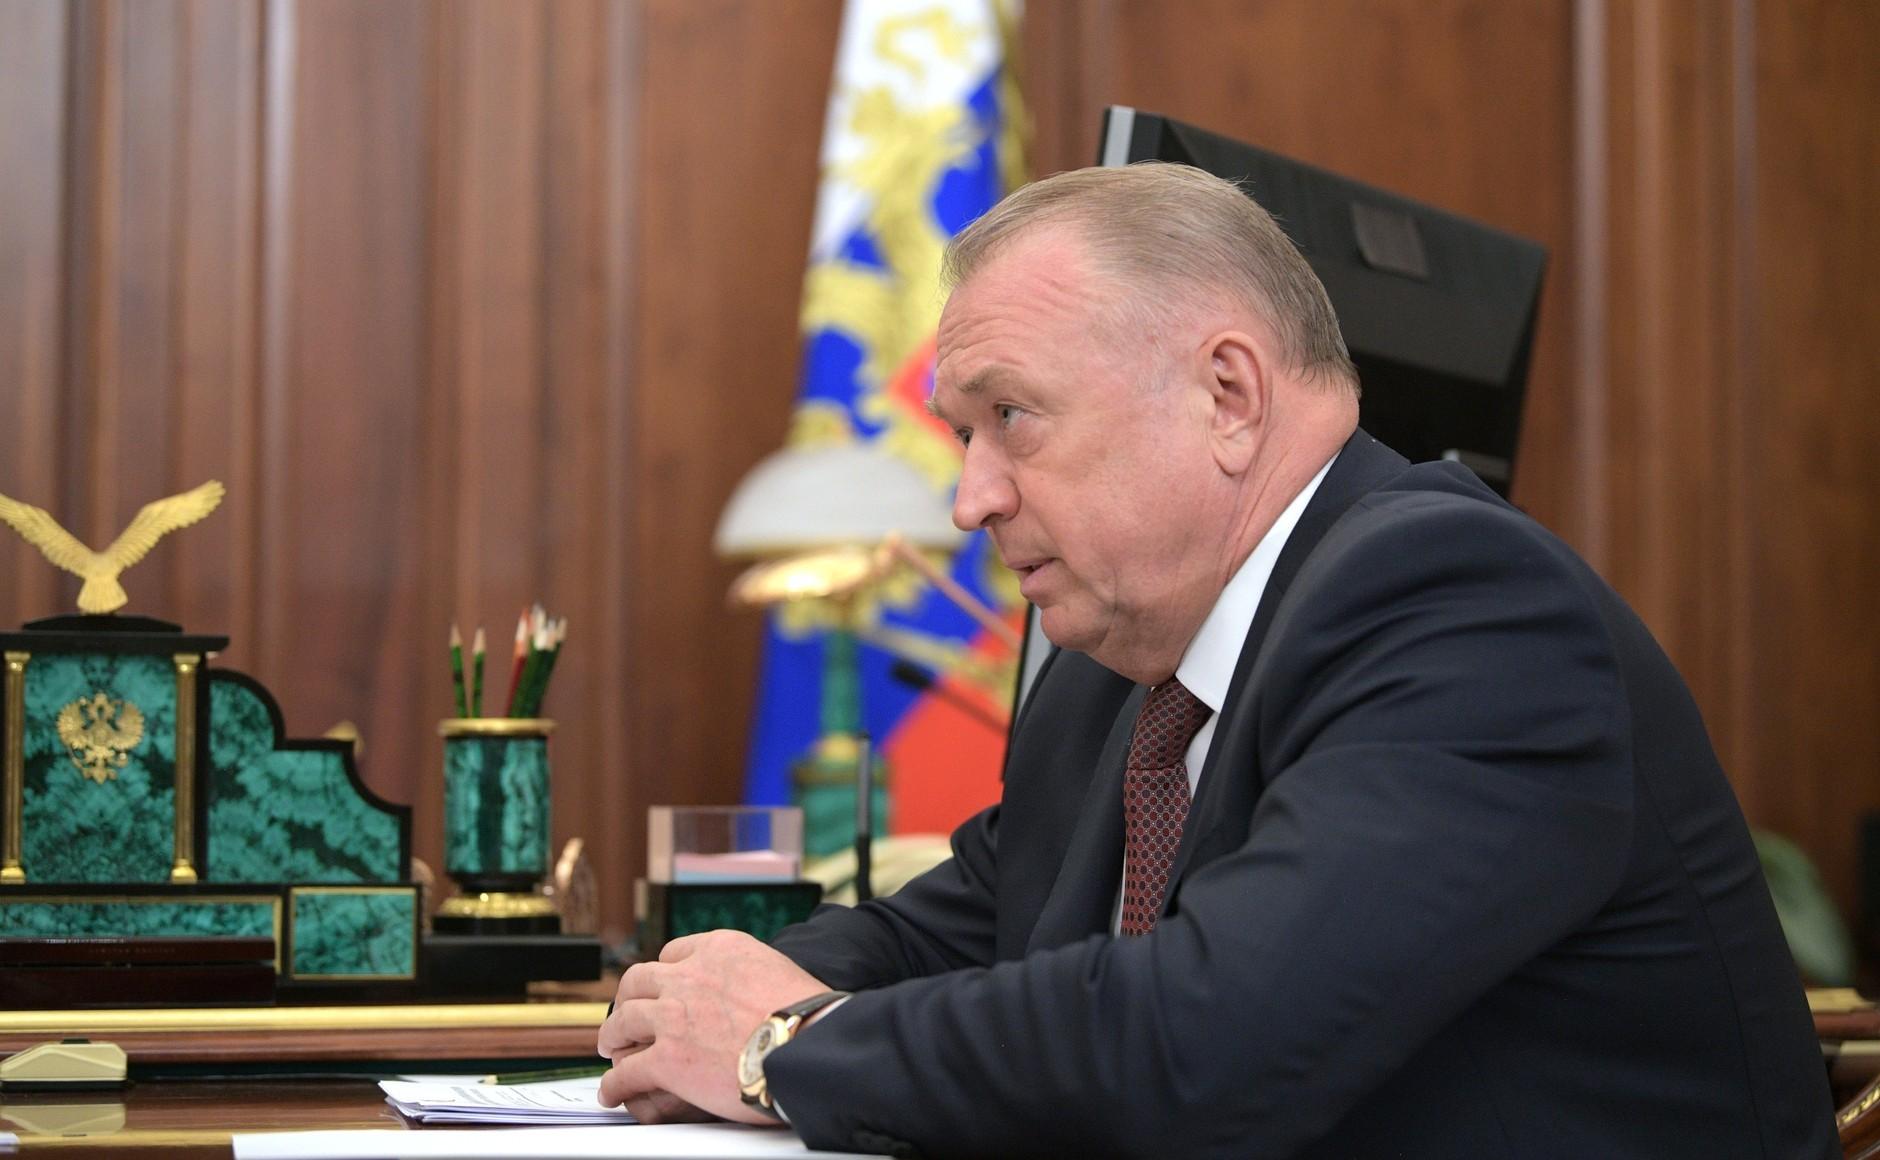 <p>Глава Торгово-промышленной палаты (ТПП) Сергей Катырин. Фото © Kremlin</p>